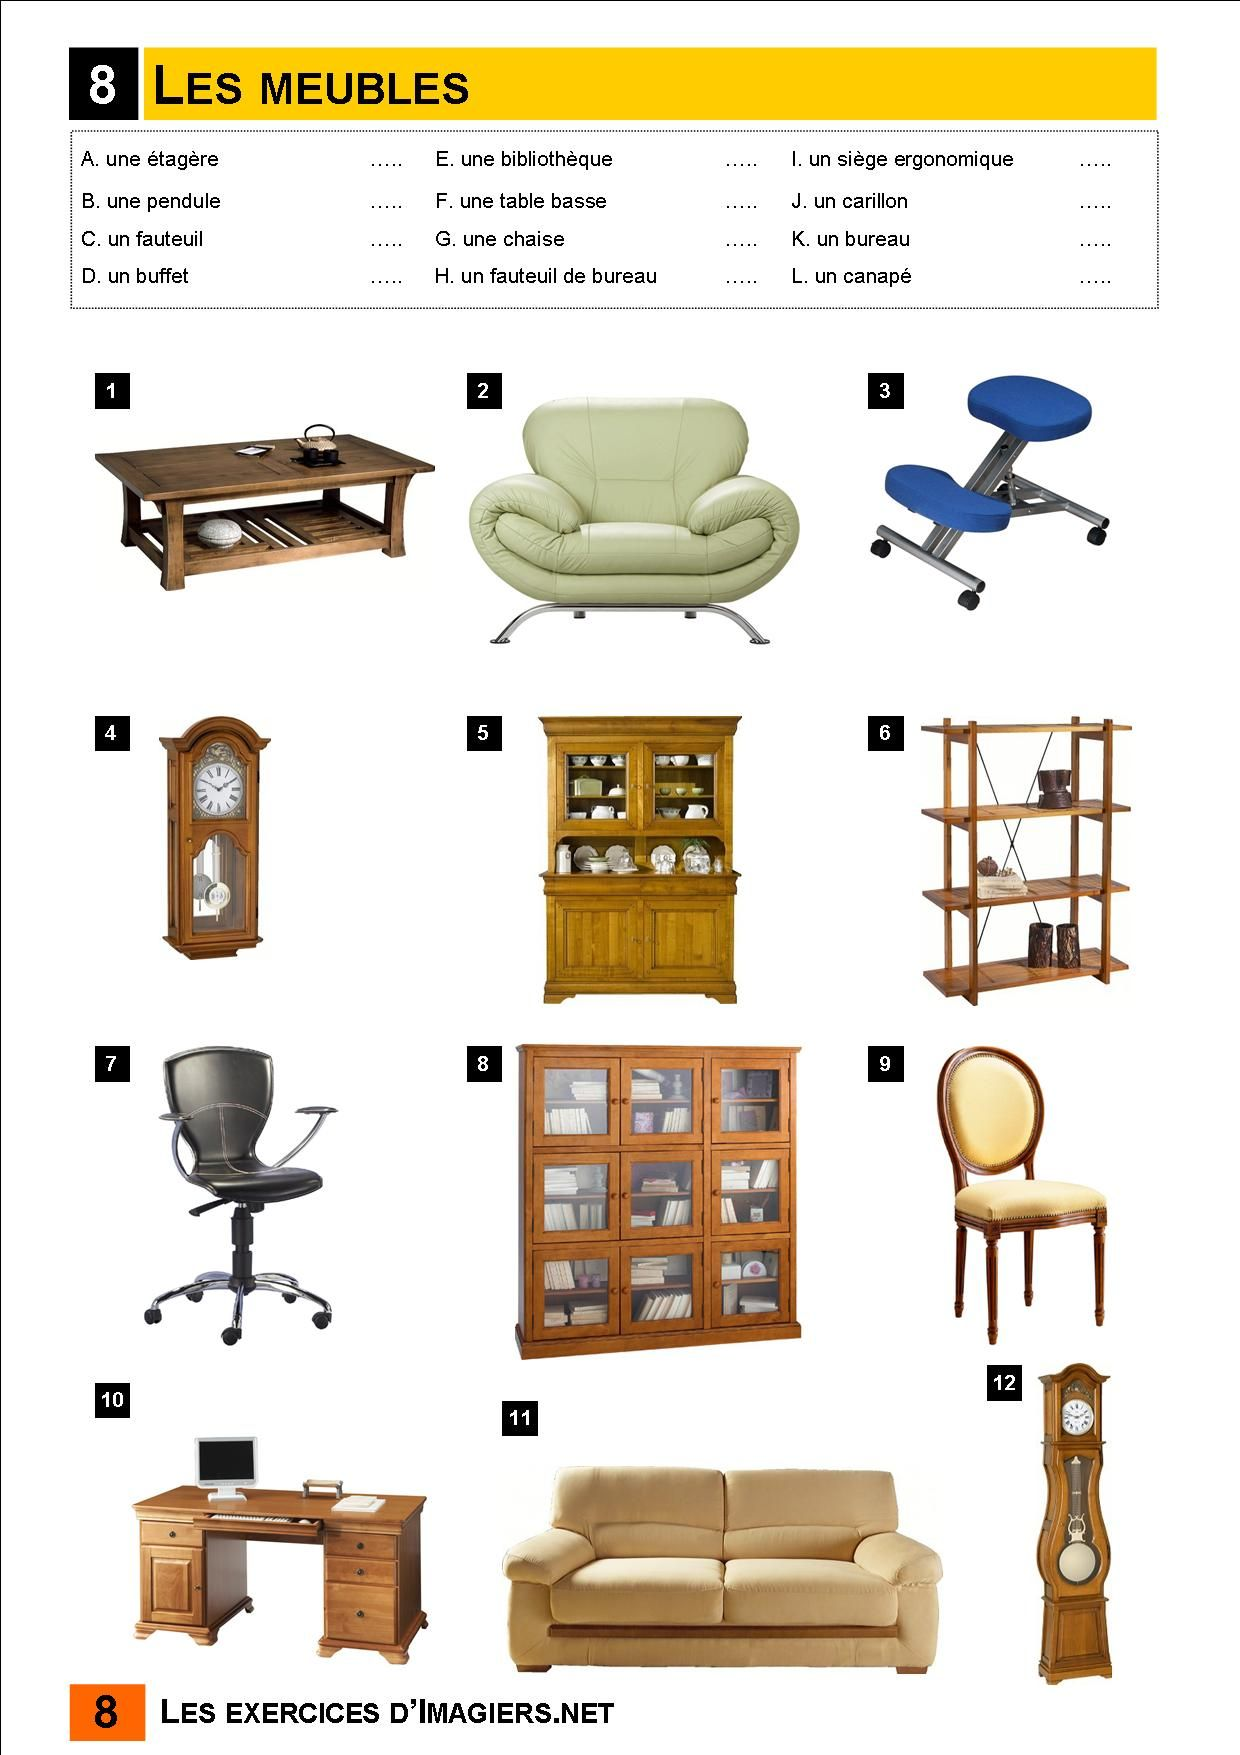 les meubles vocabulaire pinterest. Black Bedroom Furniture Sets. Home Design Ideas